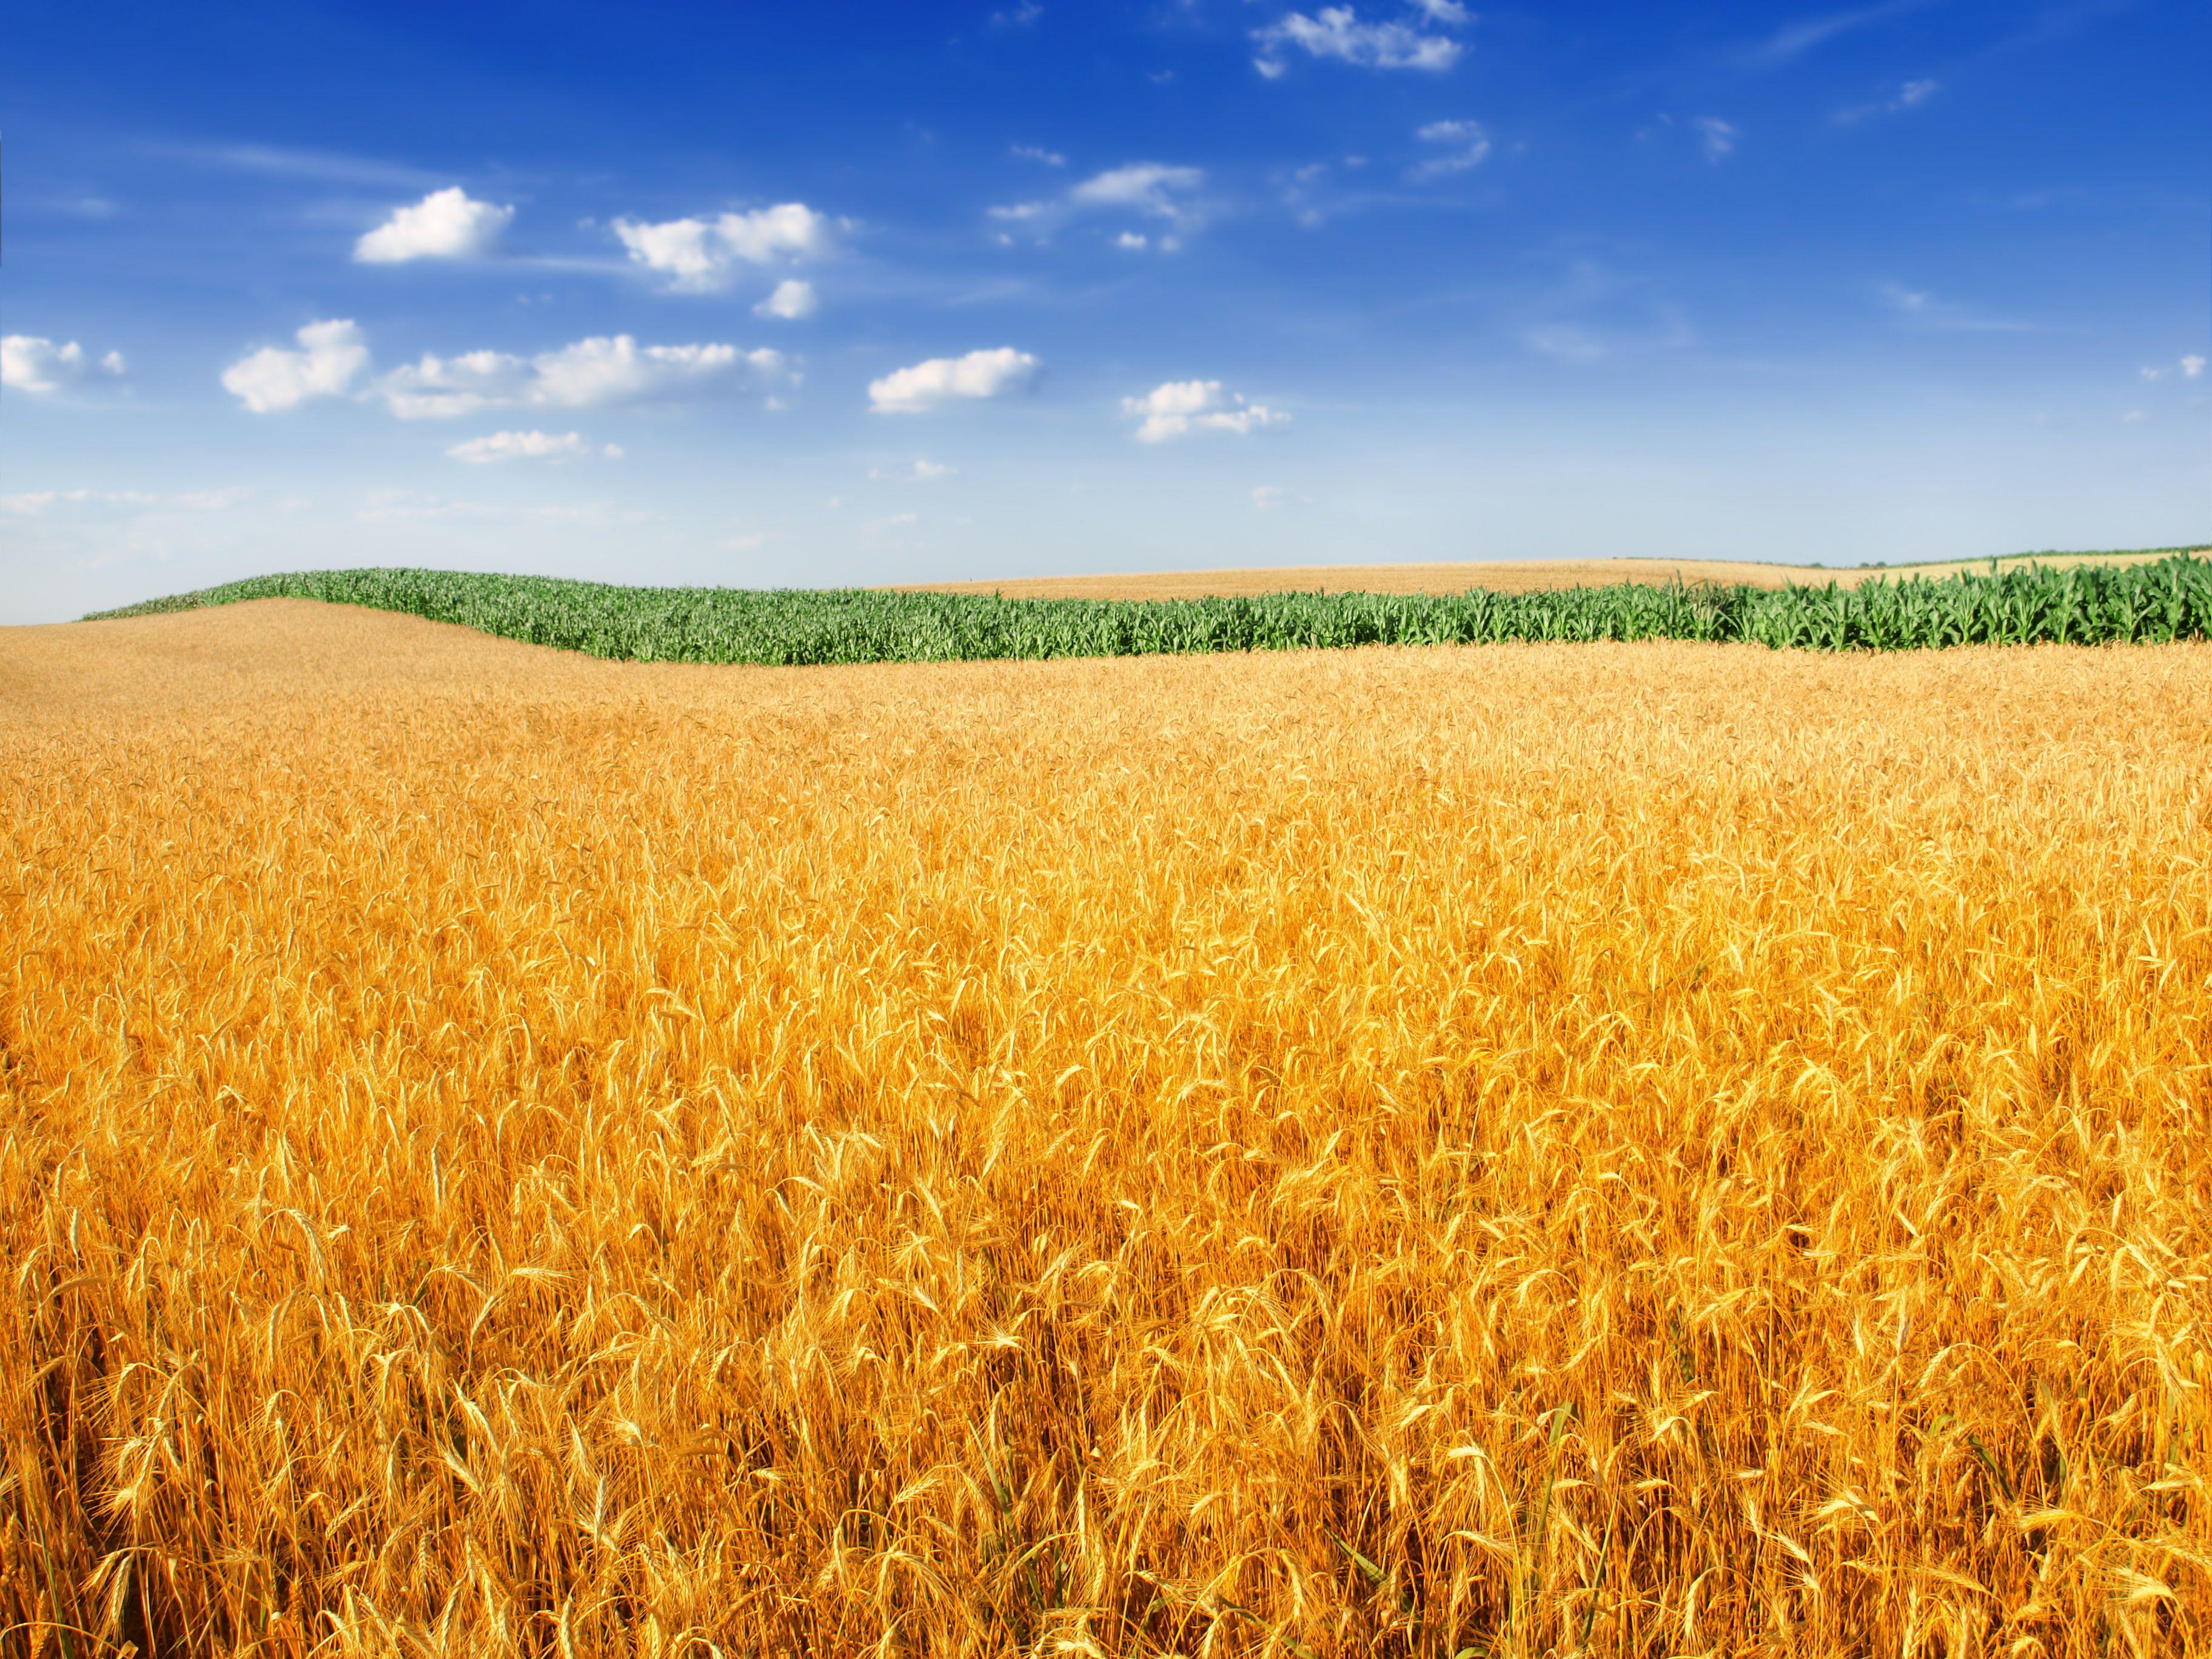 4k Farm Landscape Crop Wheat Field 2k Wallpaper Hdwallpaper Desktop Wheat Fields Field Wallpaper Plant Wallpaper